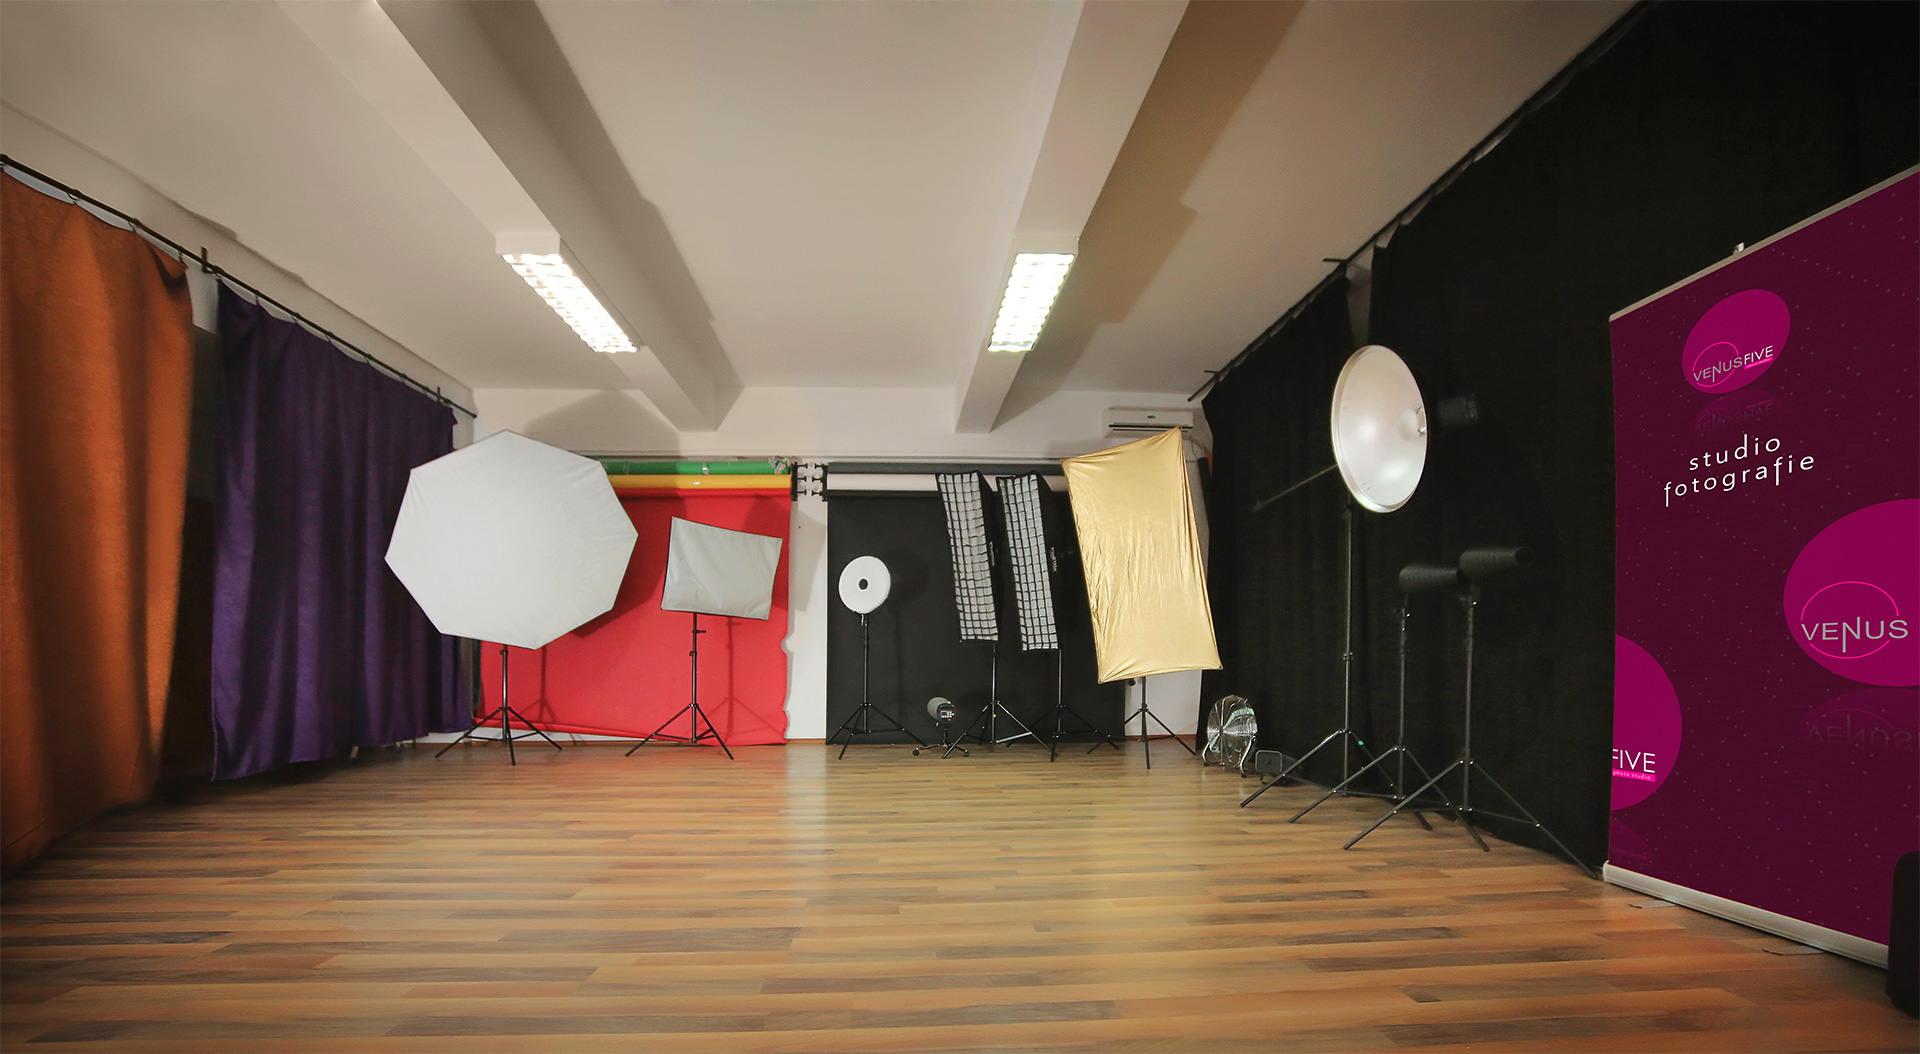 Studio foto in Bucuresti